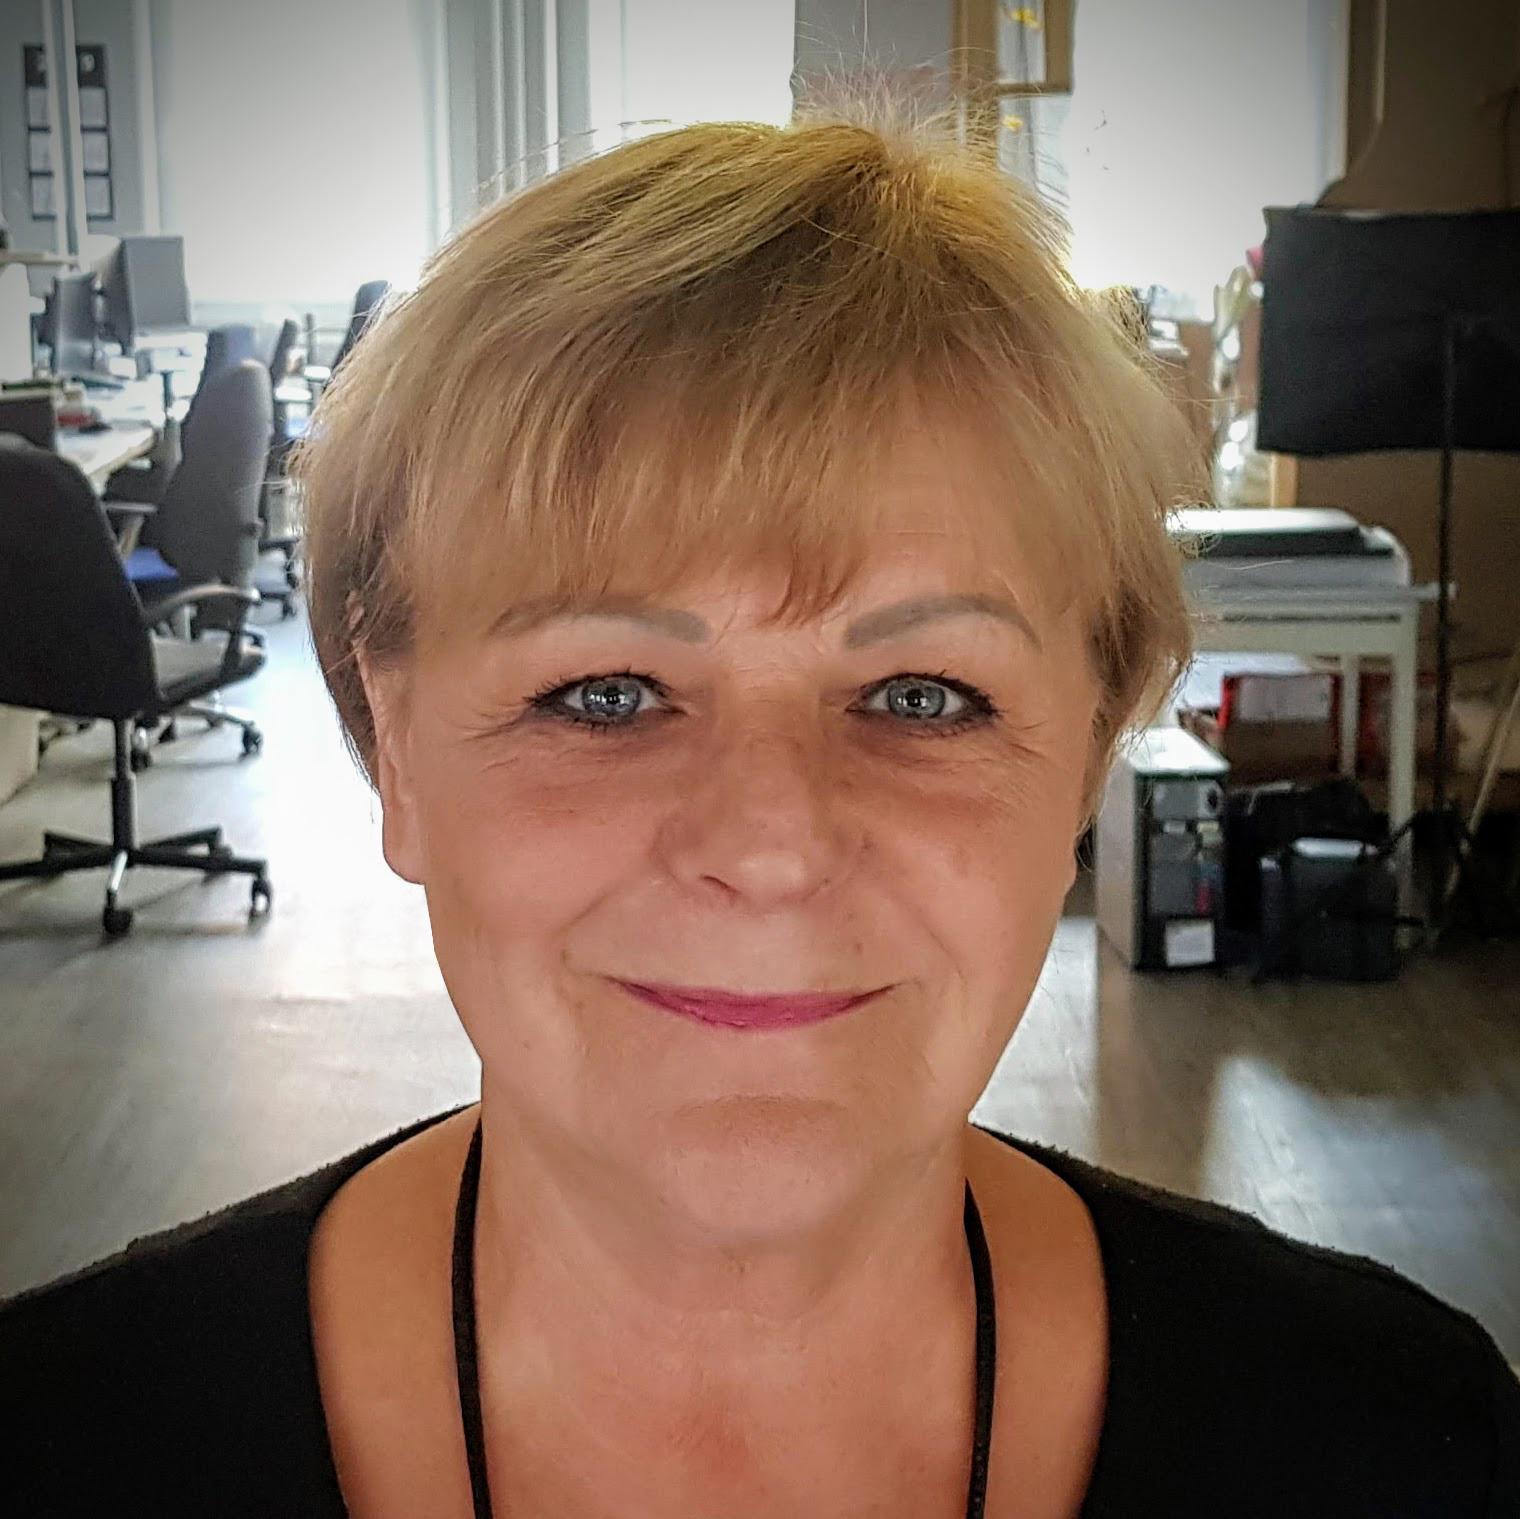 Angelika Sindulka